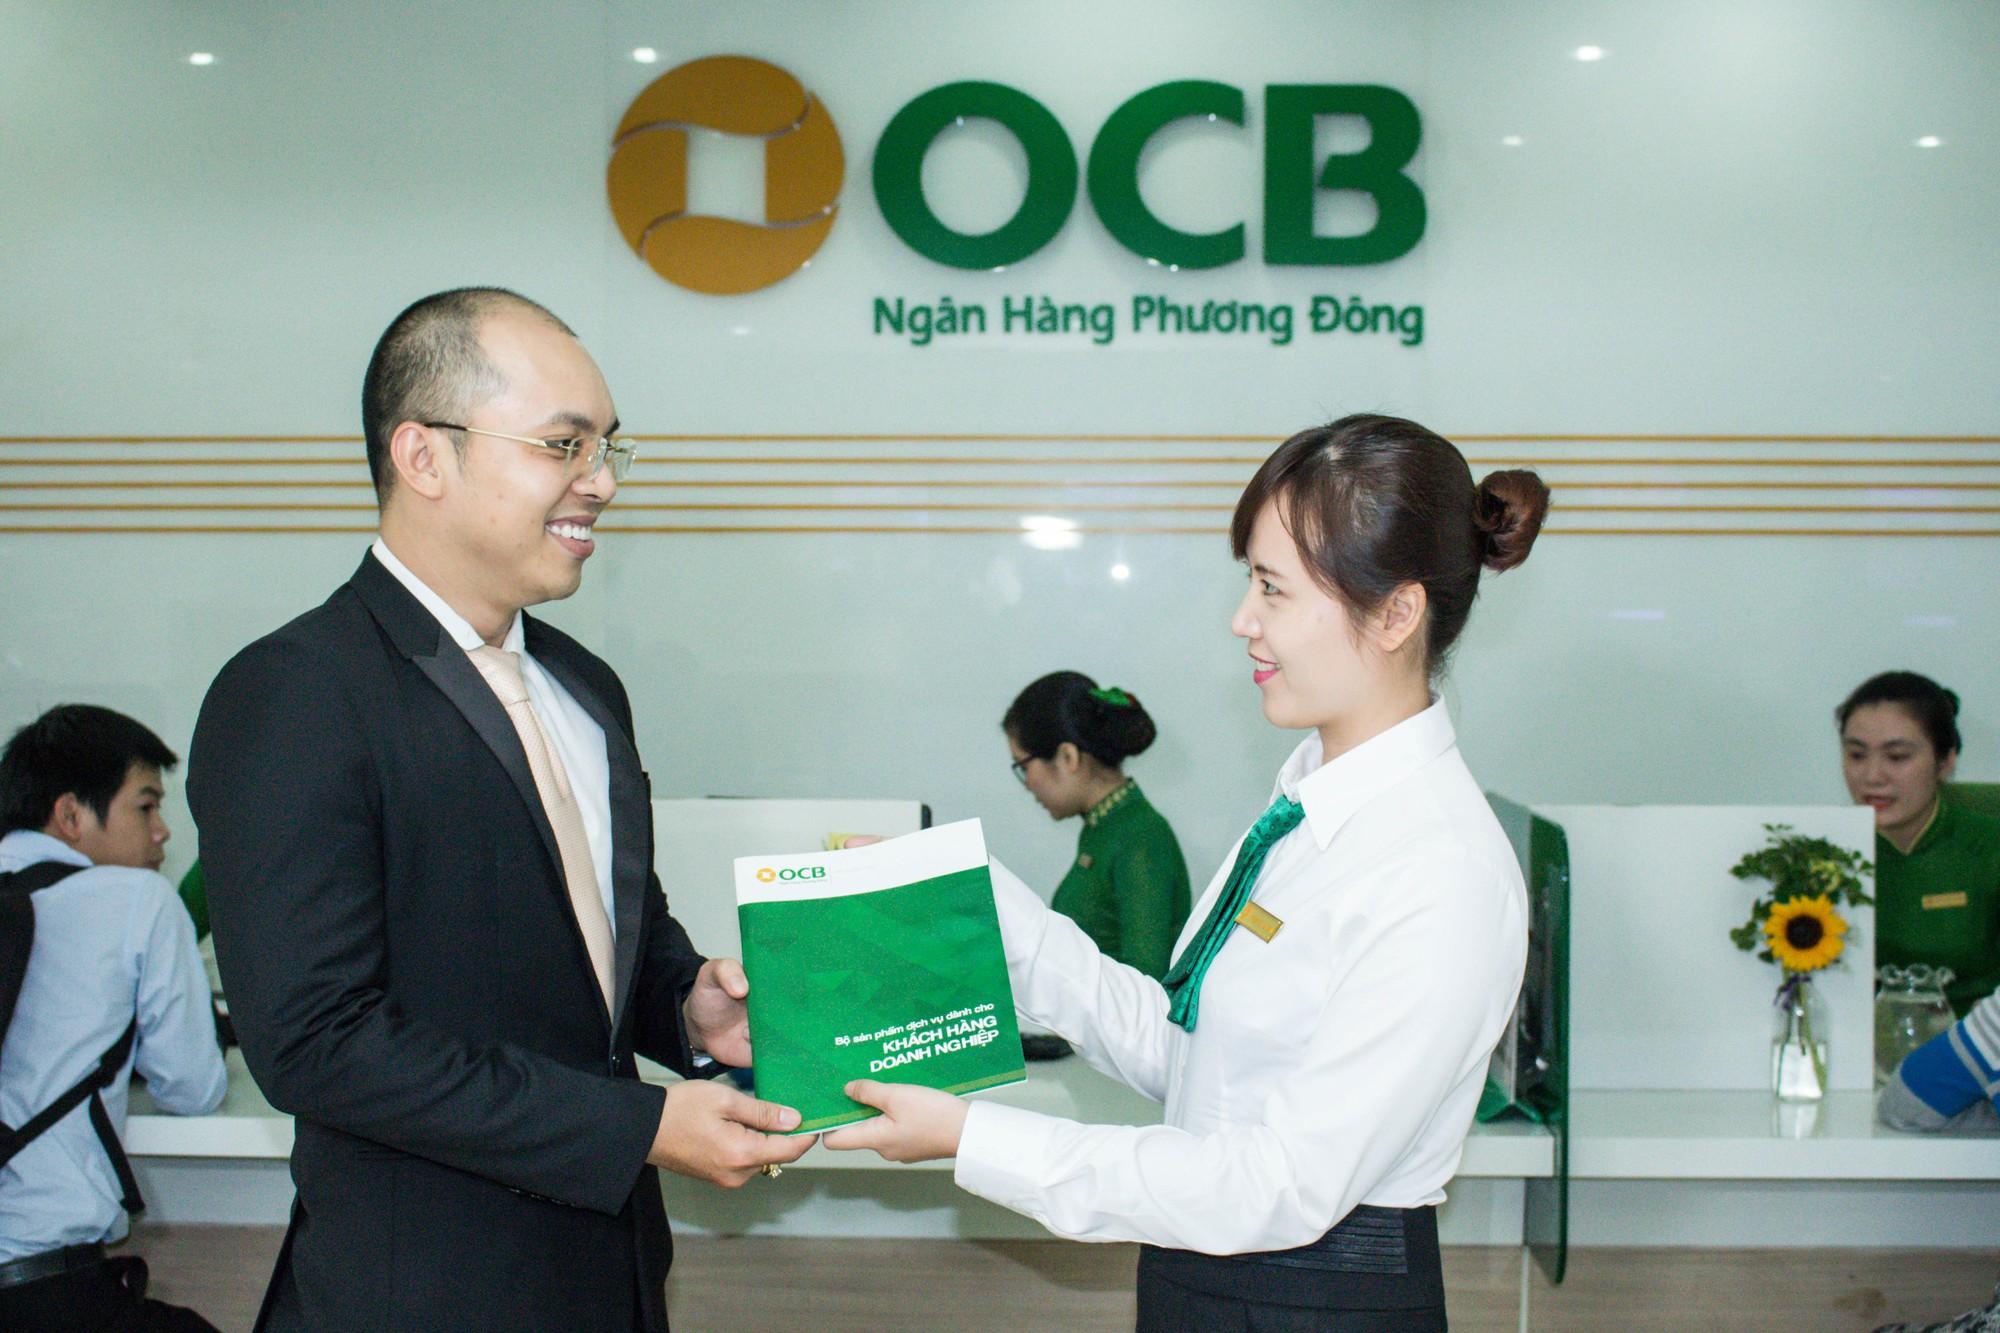 Lãi suất Ngân hàng Phương Đông (OCB) mới nhất tháng 4/2021 - Ảnh 1.